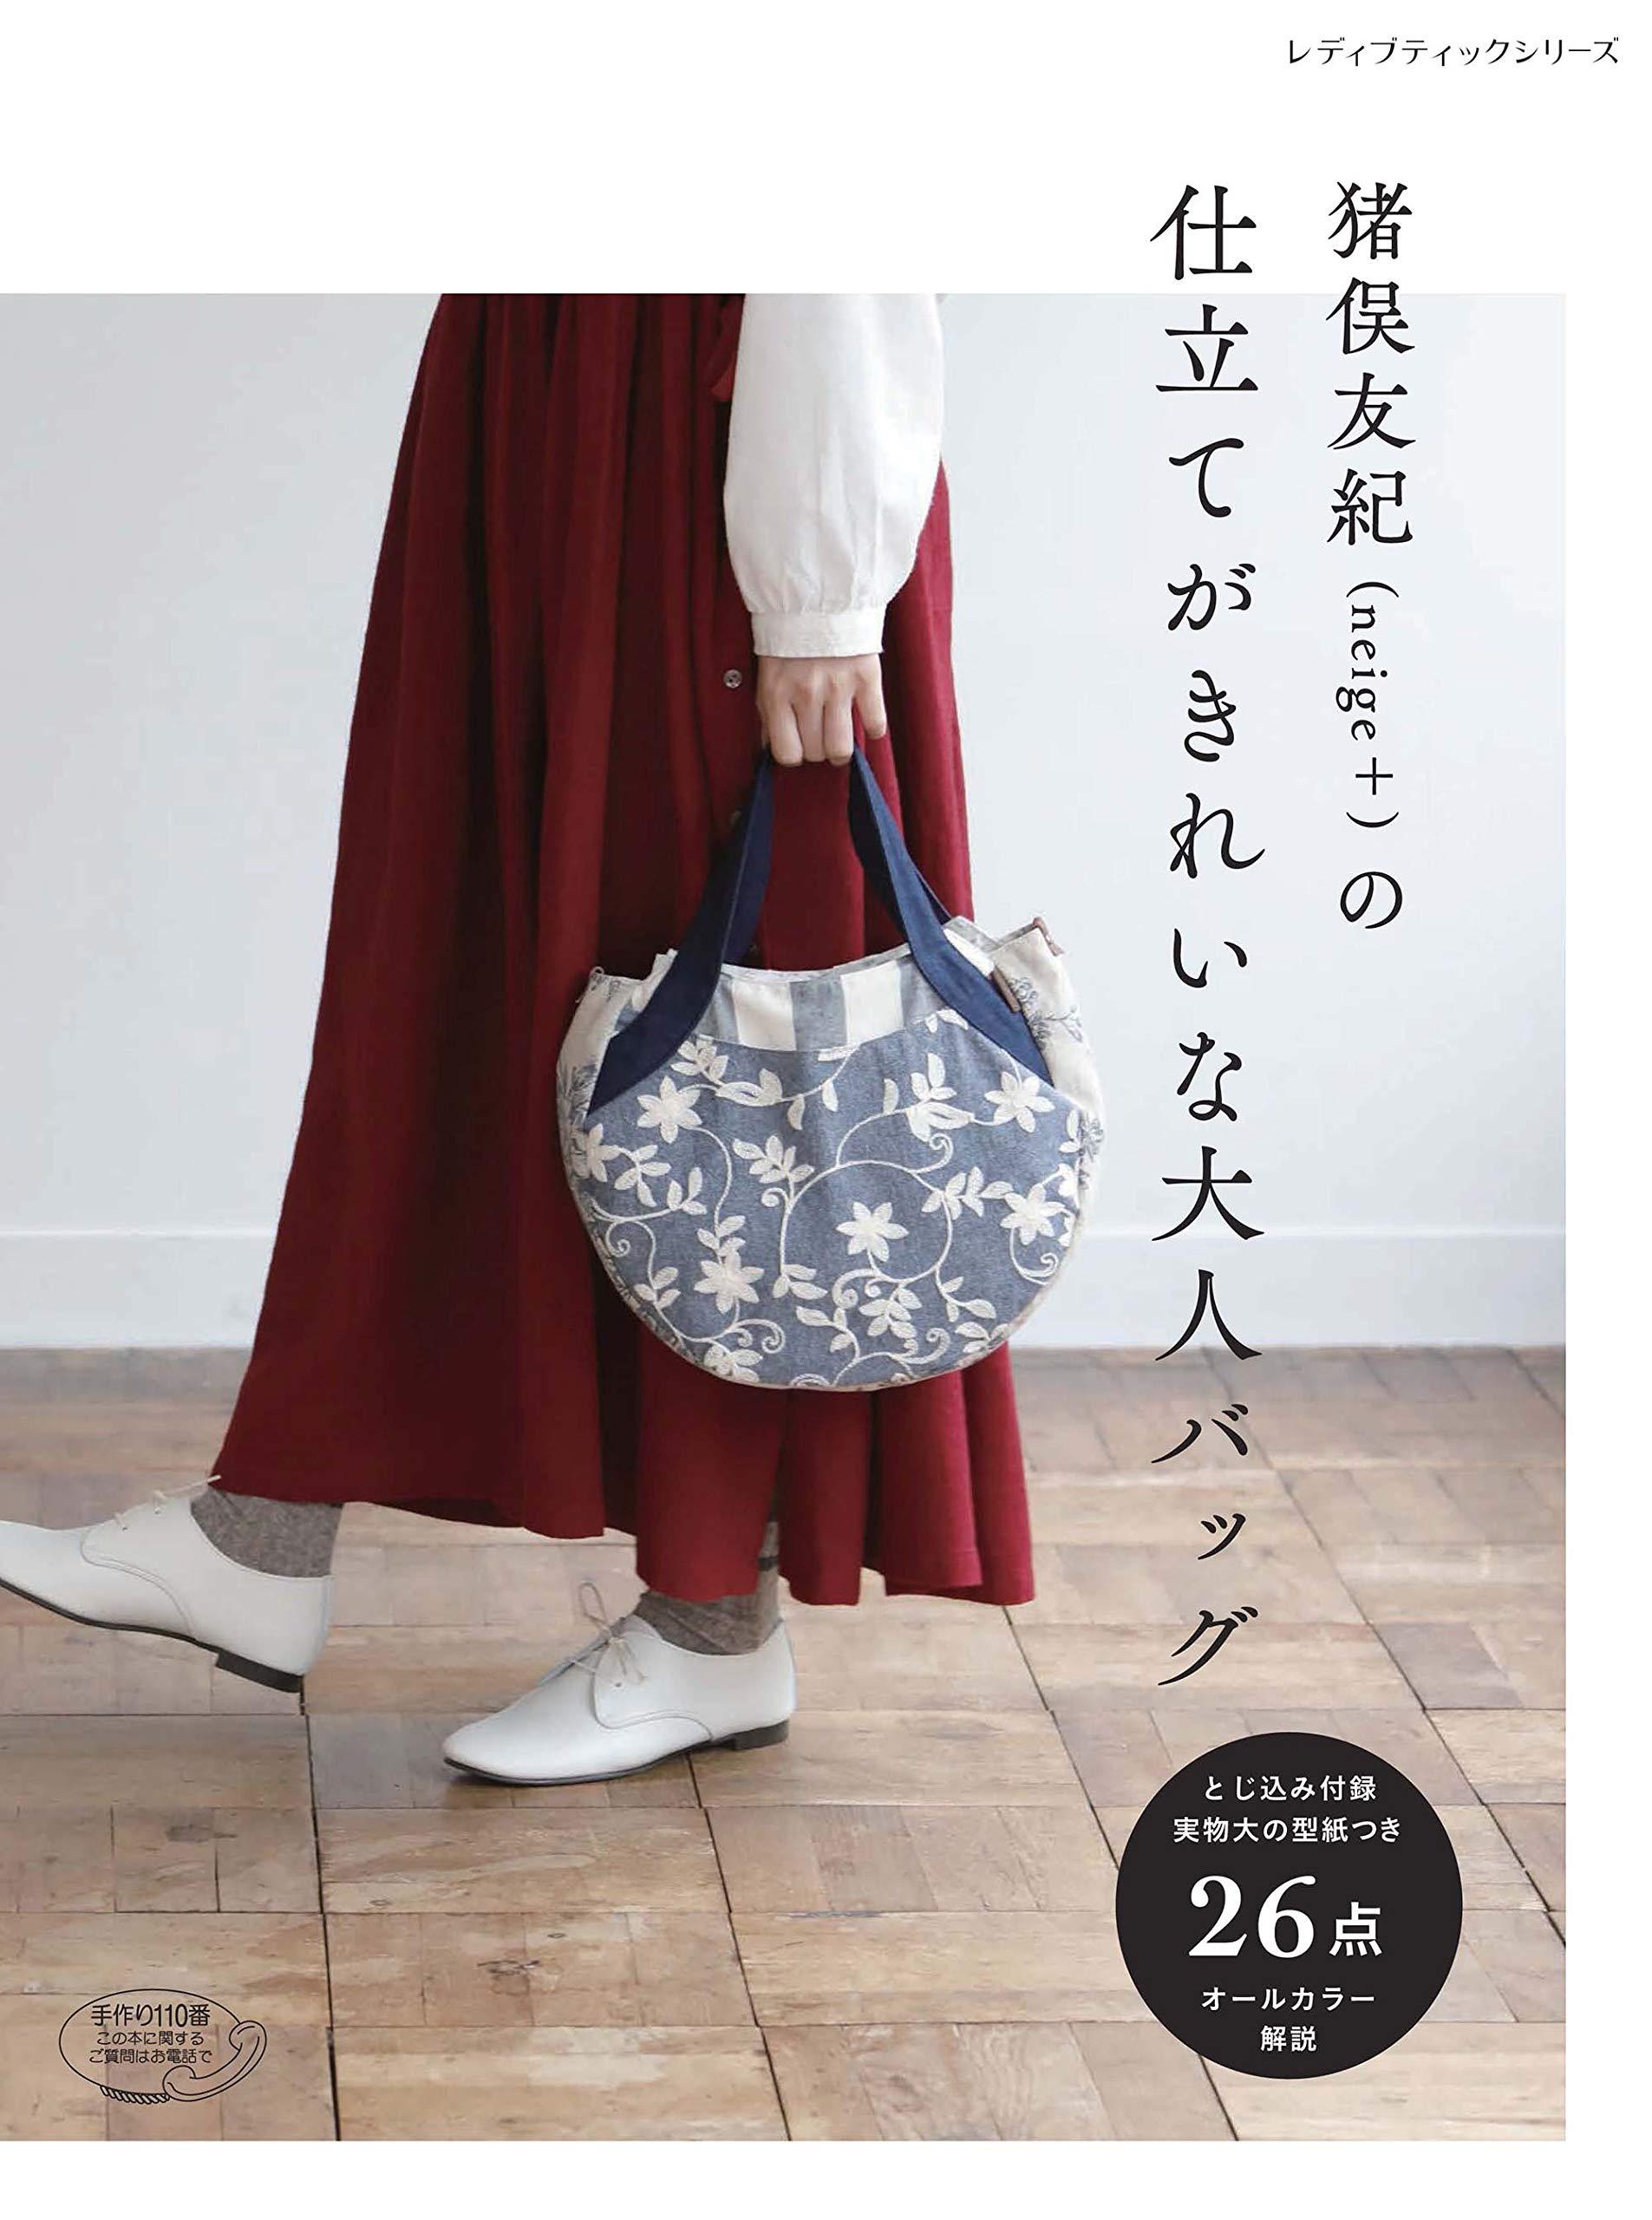 Adult beautiful bag Inomata Yukinori